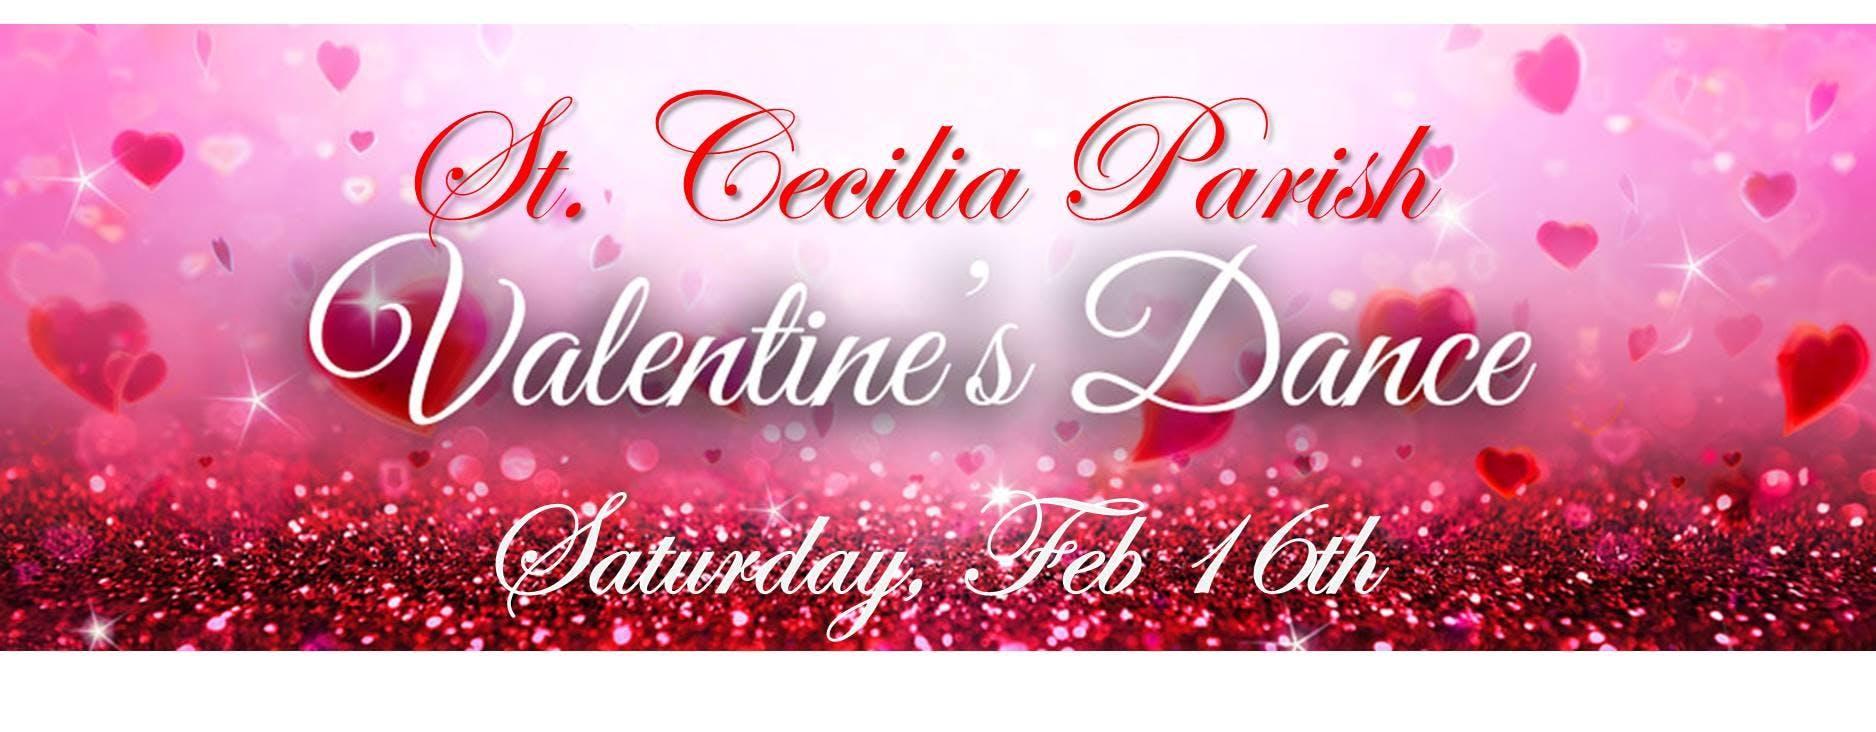 St. Cecilia Parish Valentine's Day Dance